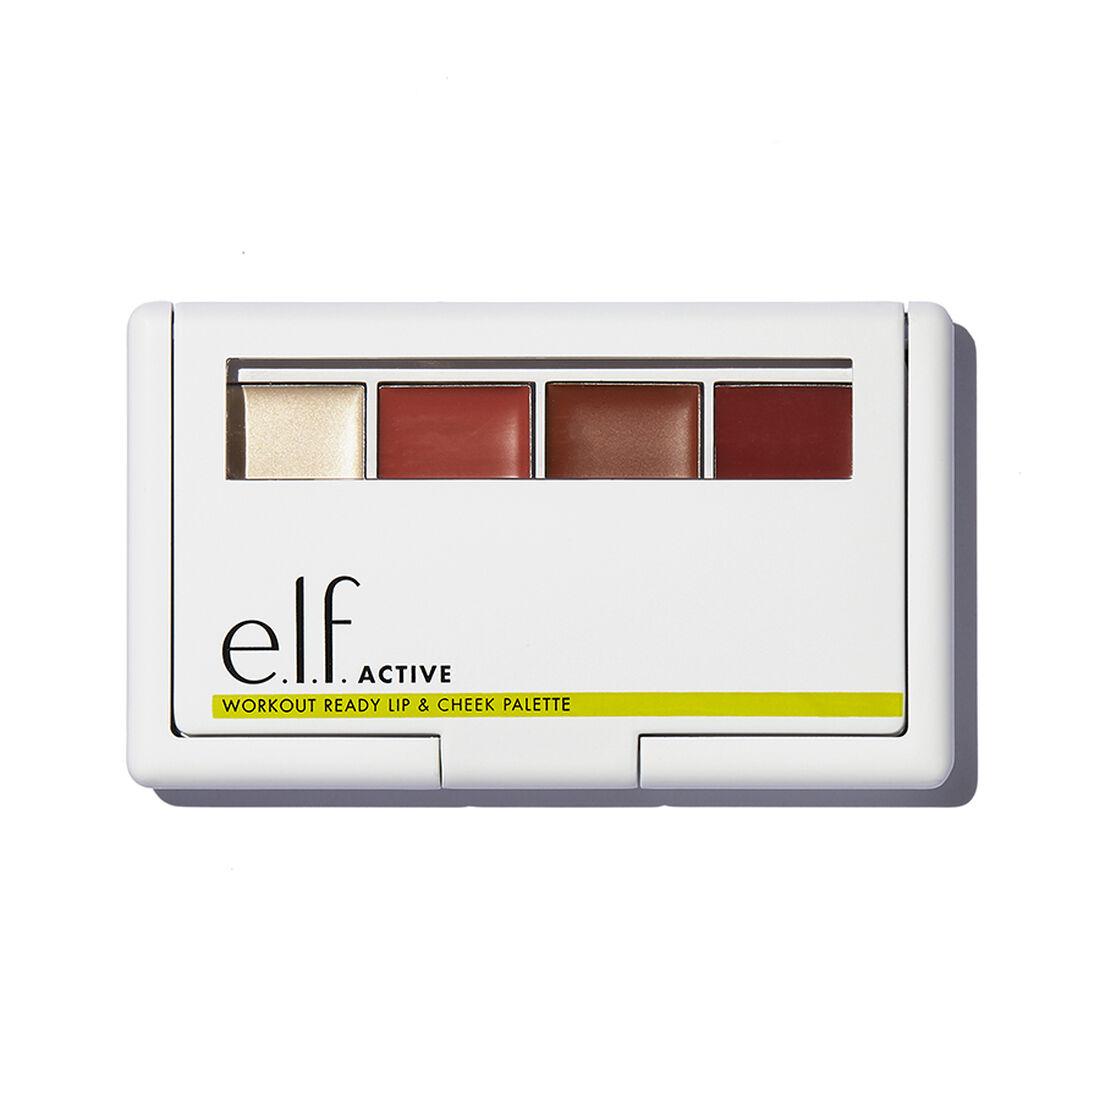 E.l.f Cosmetics - Workout Ready Lip & Cheek Palette